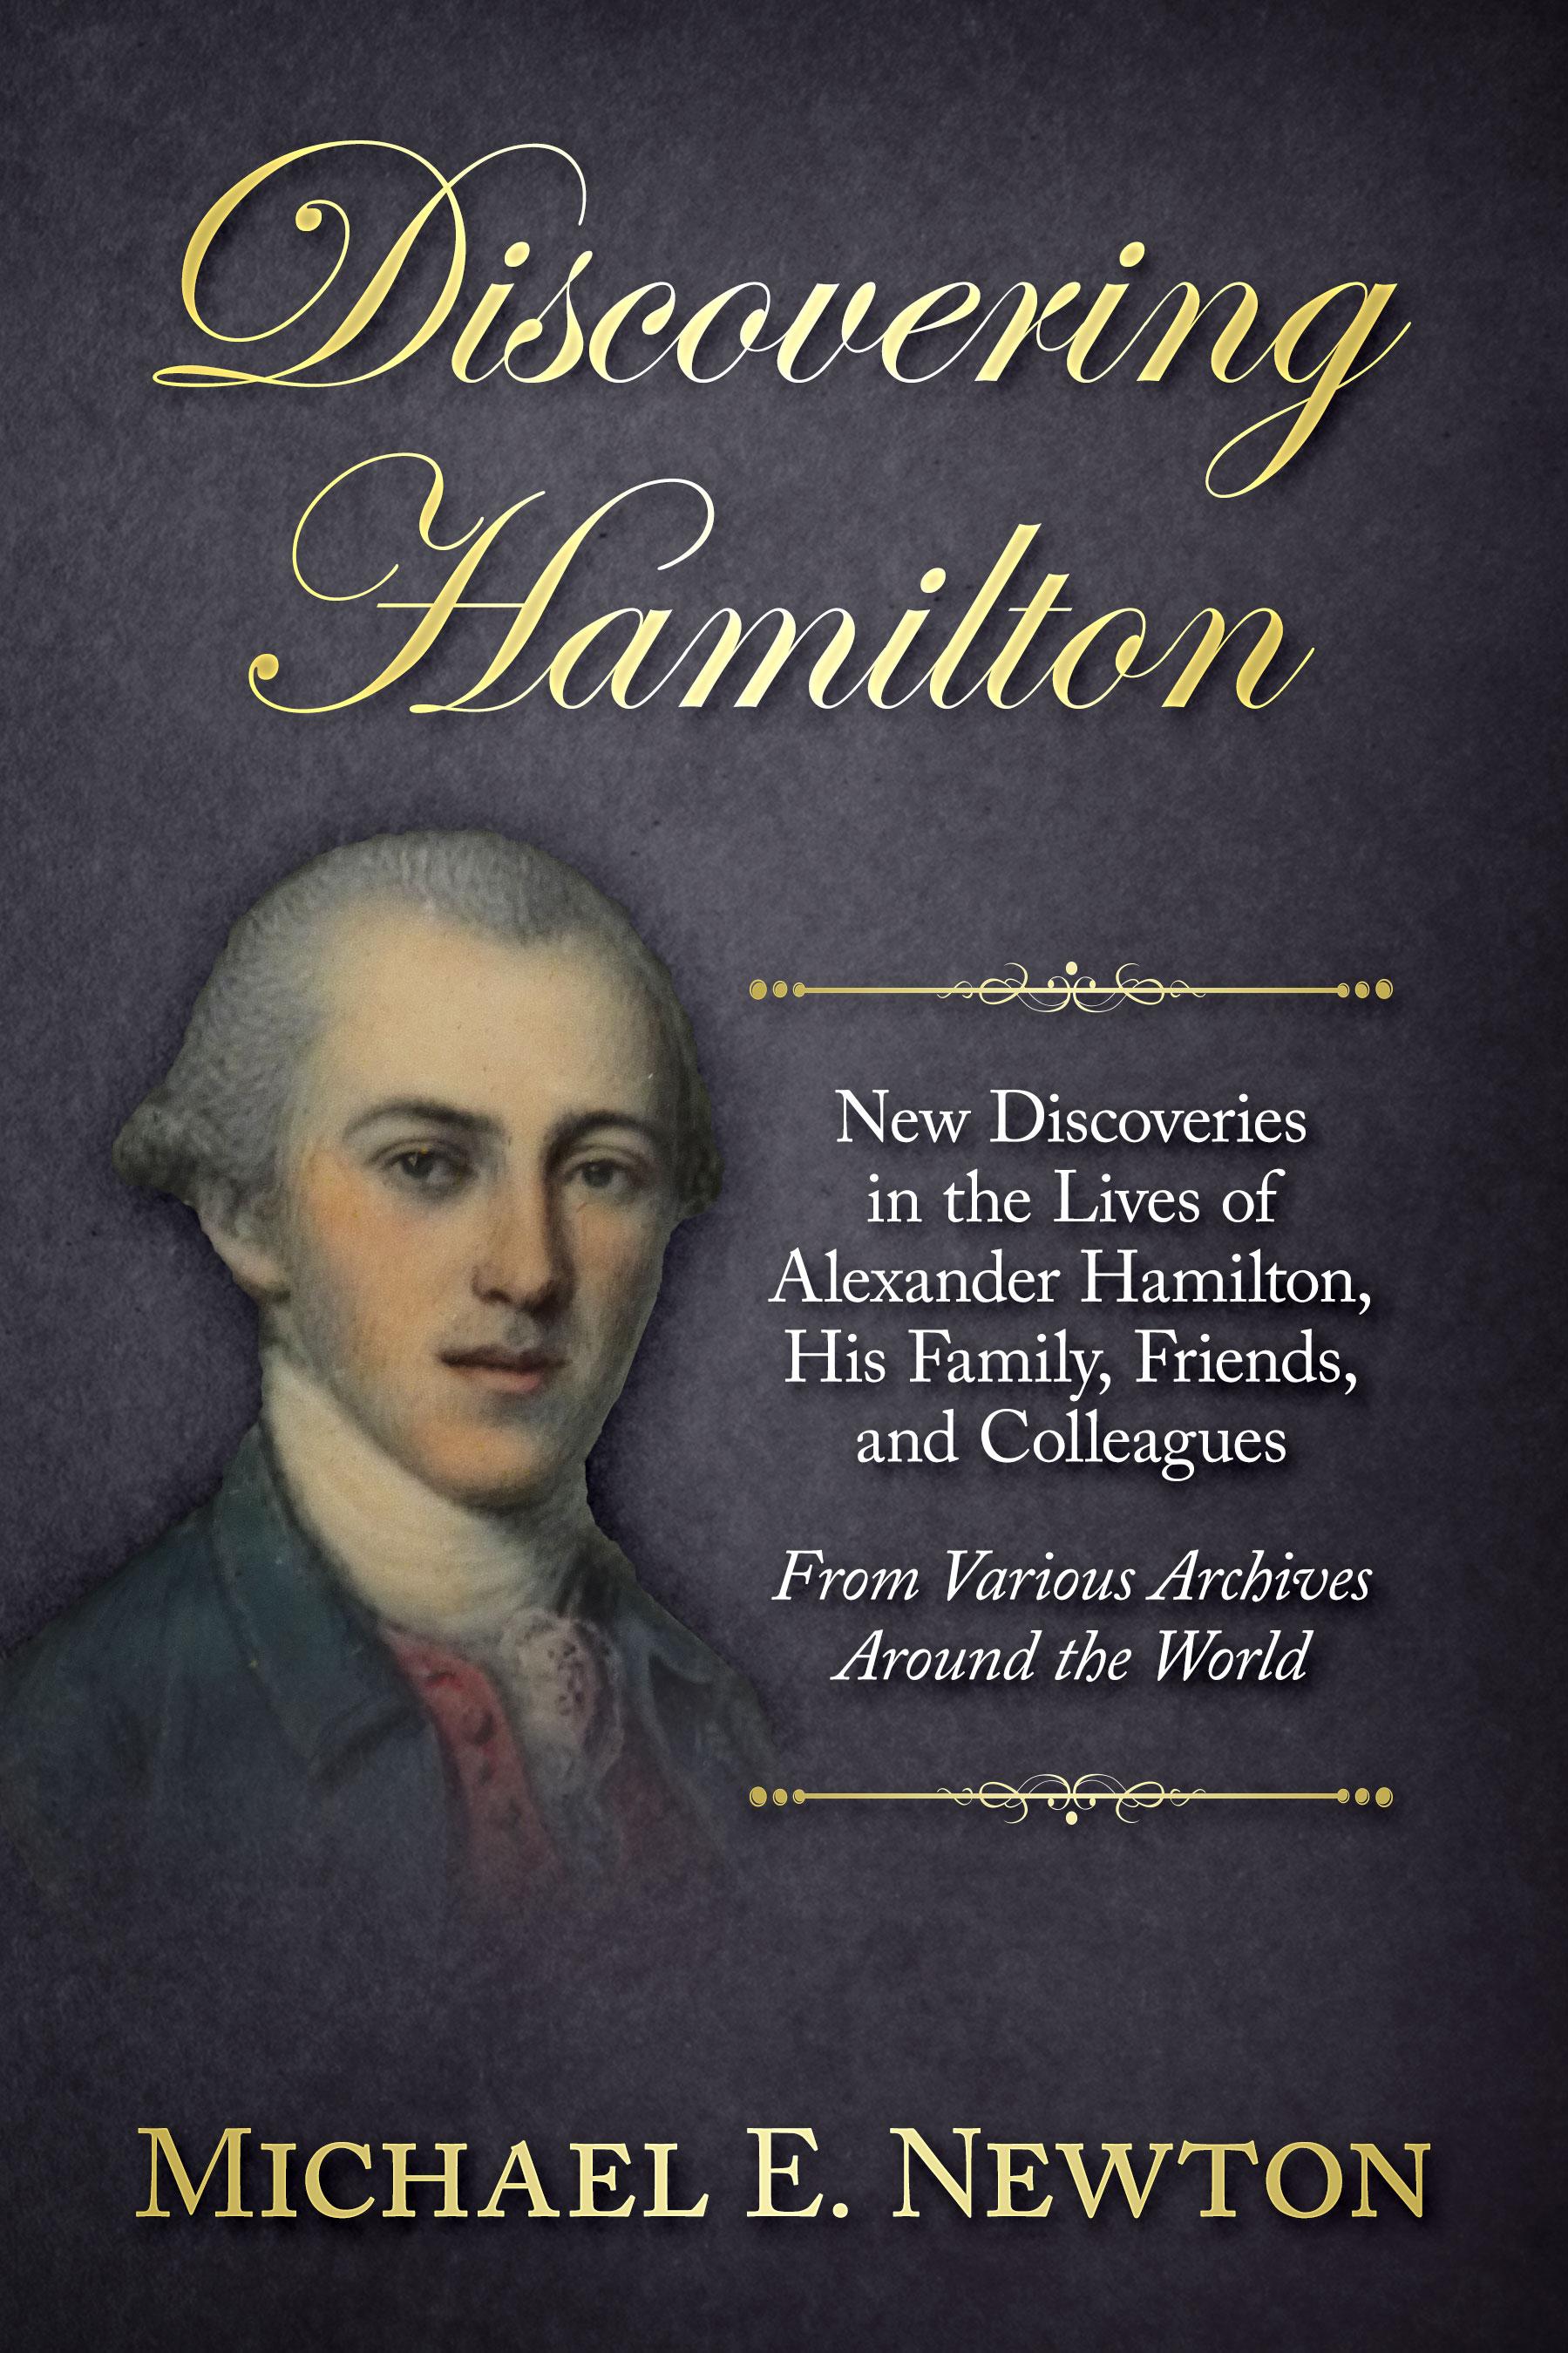 discovering hamilton cover